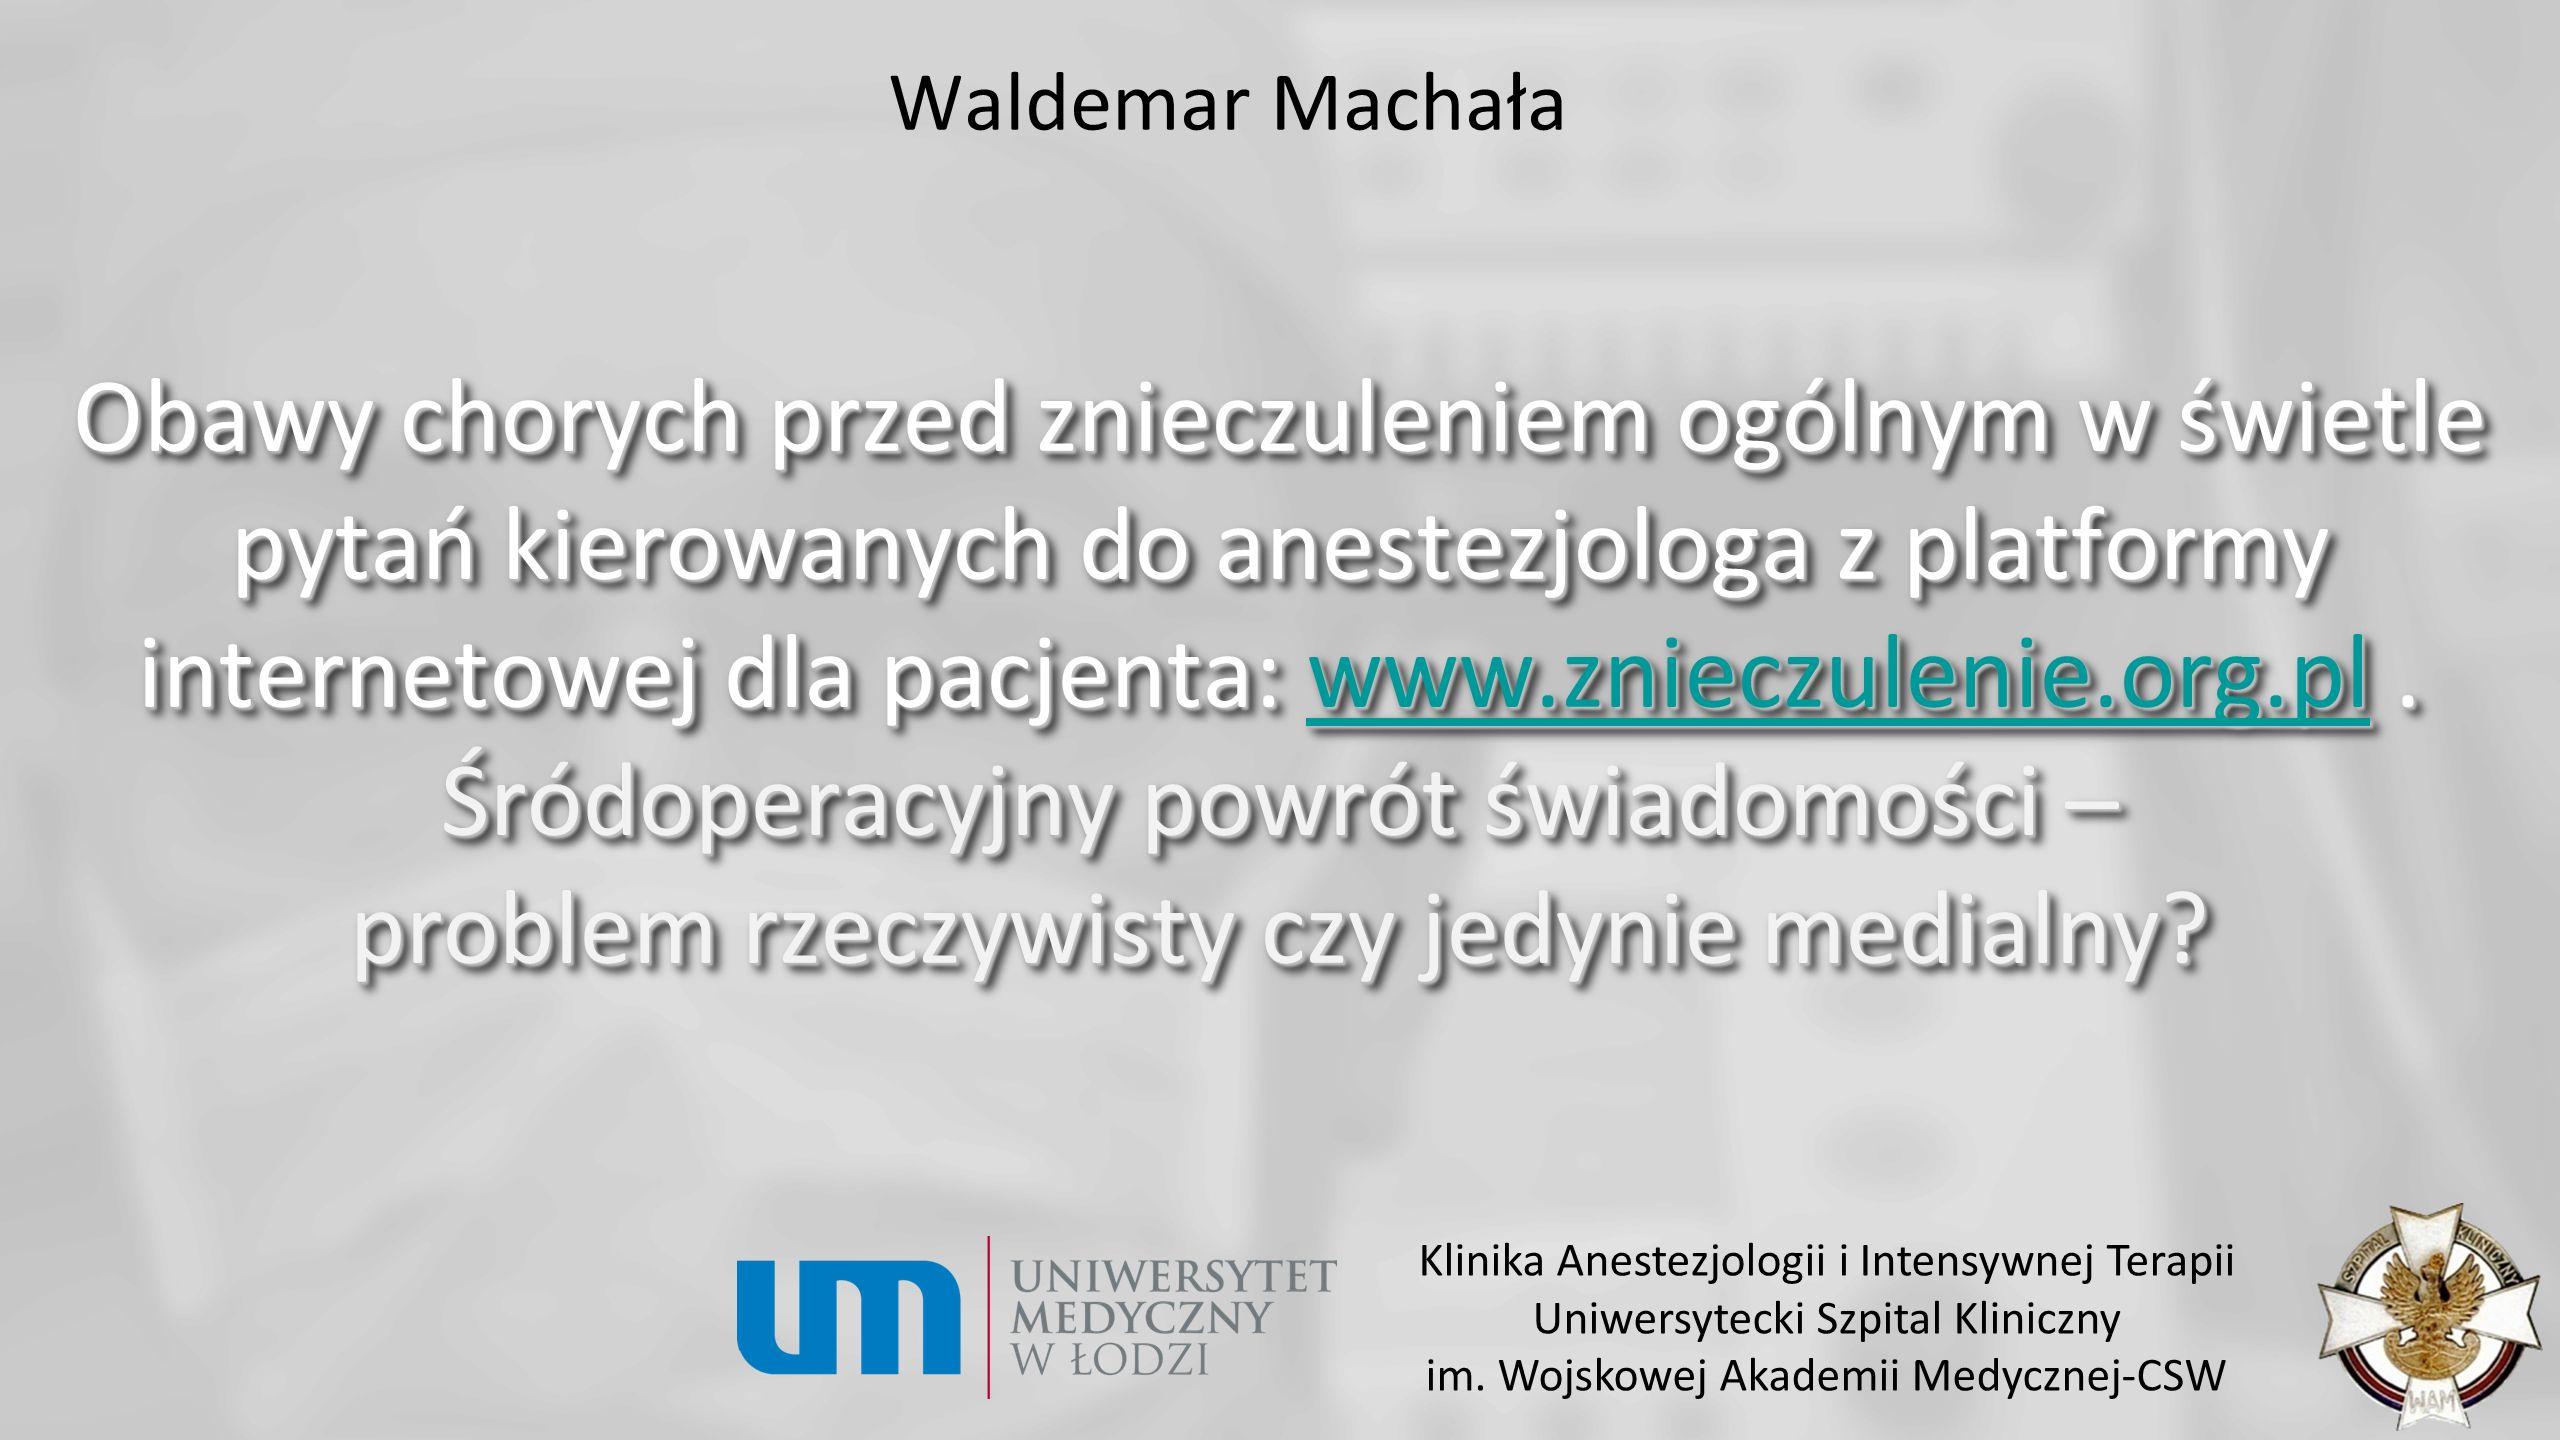 Waldemar Machała